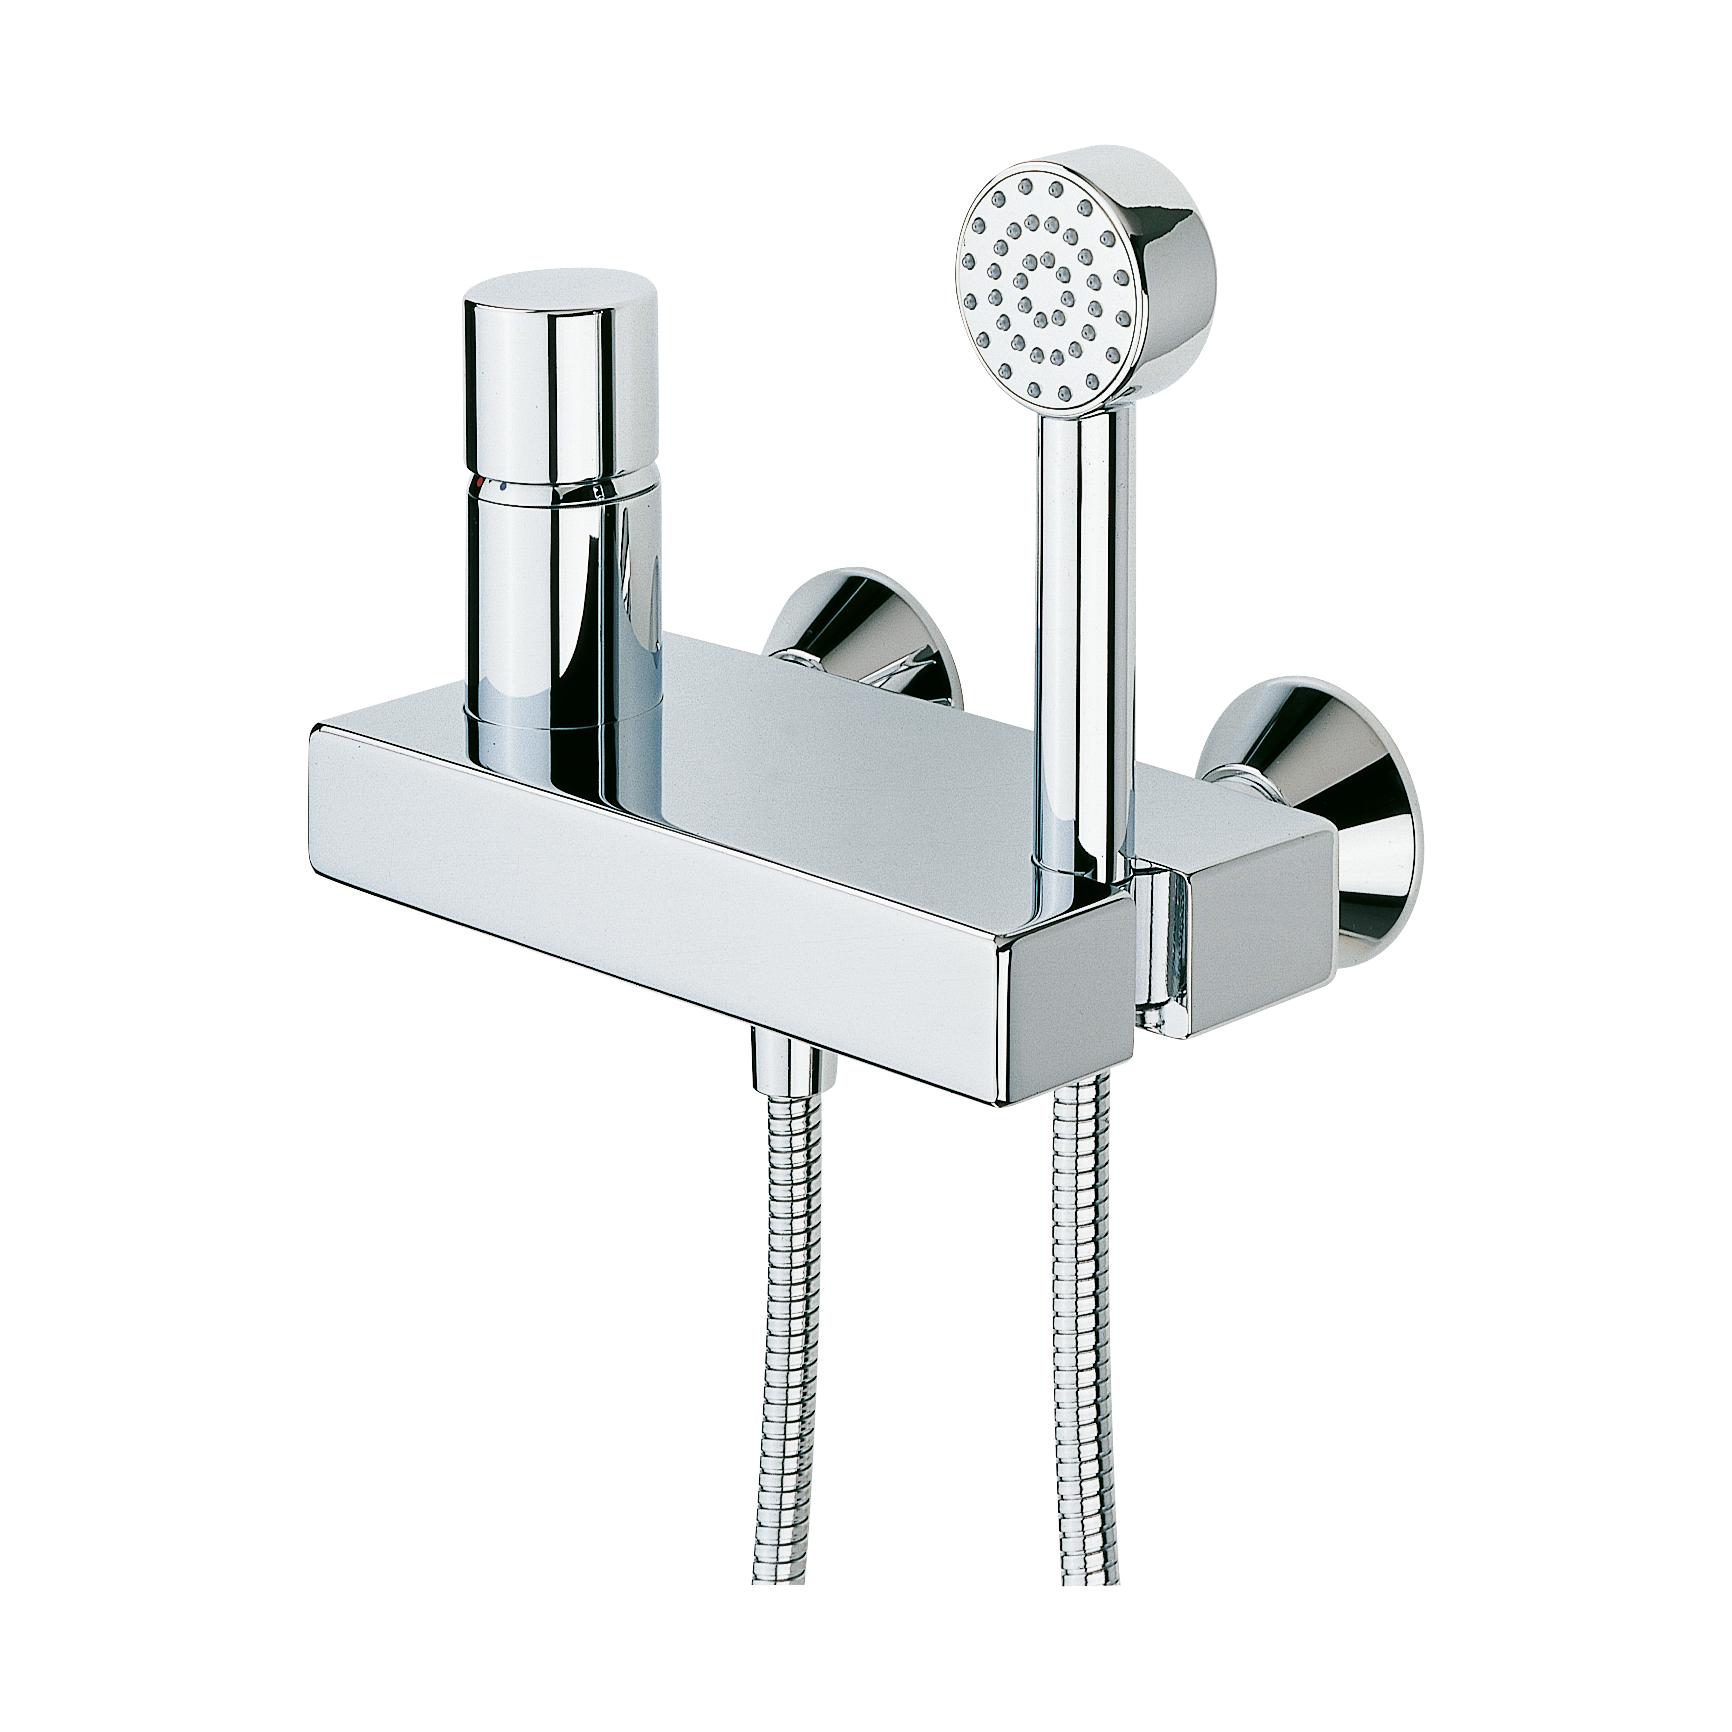 Смеситель Oras Alessi 8560 для душа micoe смеситель для душа для ванной комнаты термостатический клапан с квадратным 8 дюймовым душем и ручным душем m a10326 1d